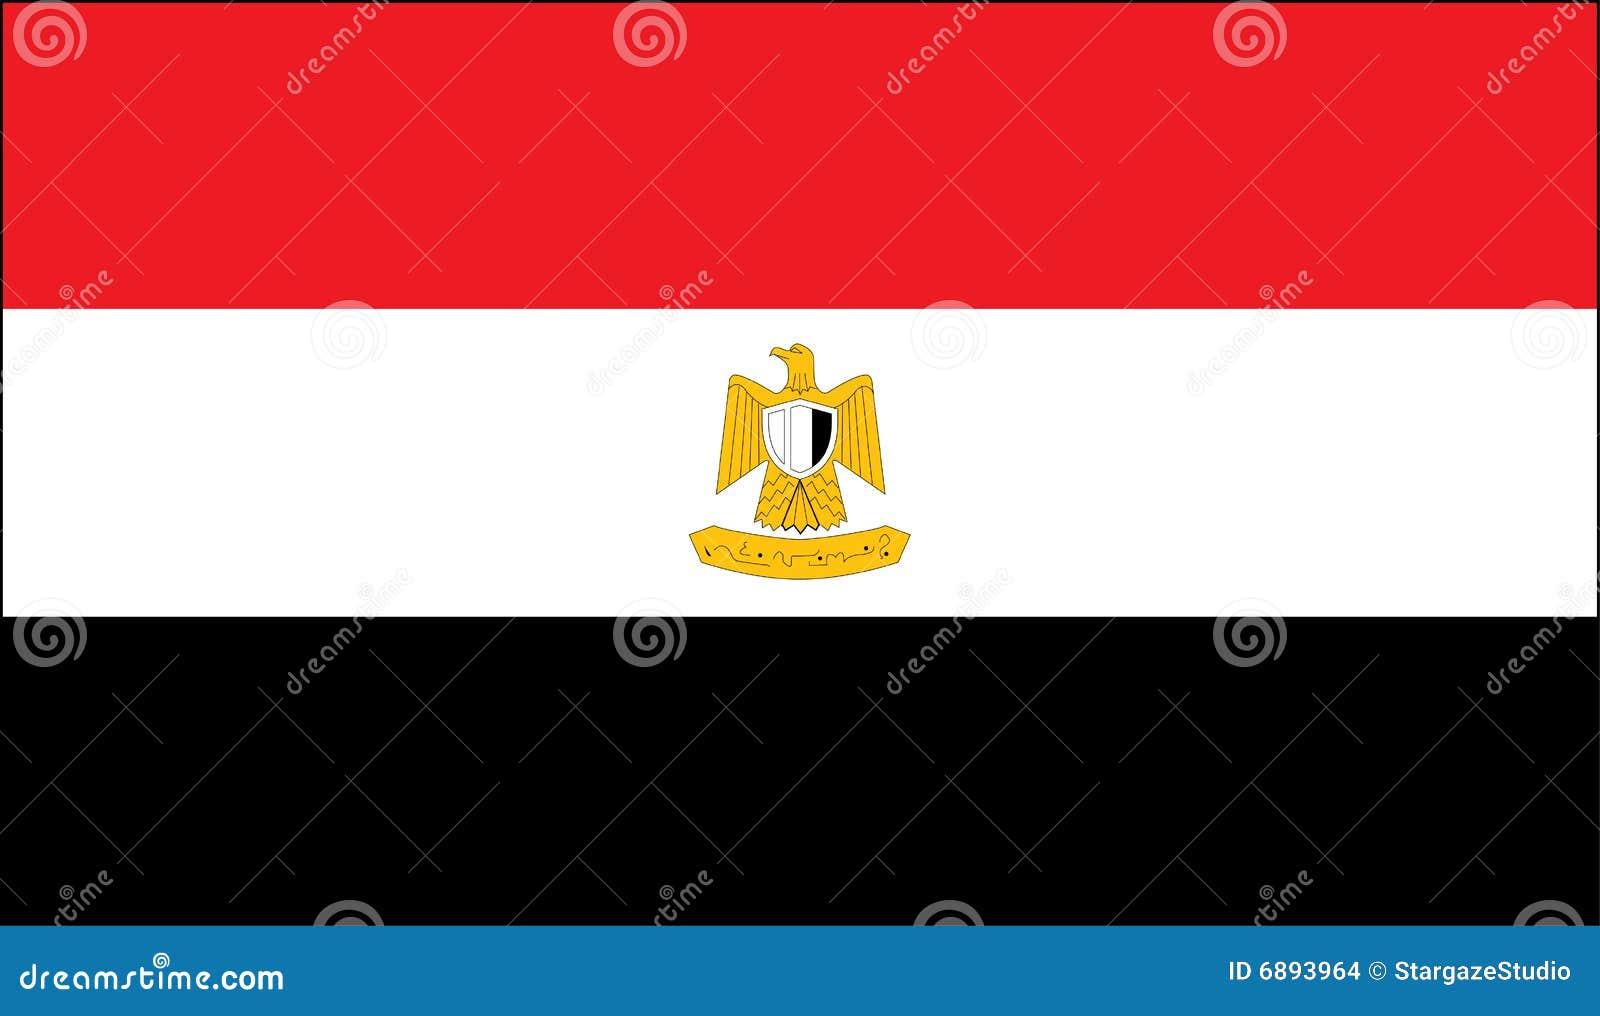 egyptische nationale vlag vector illustratie illustratie